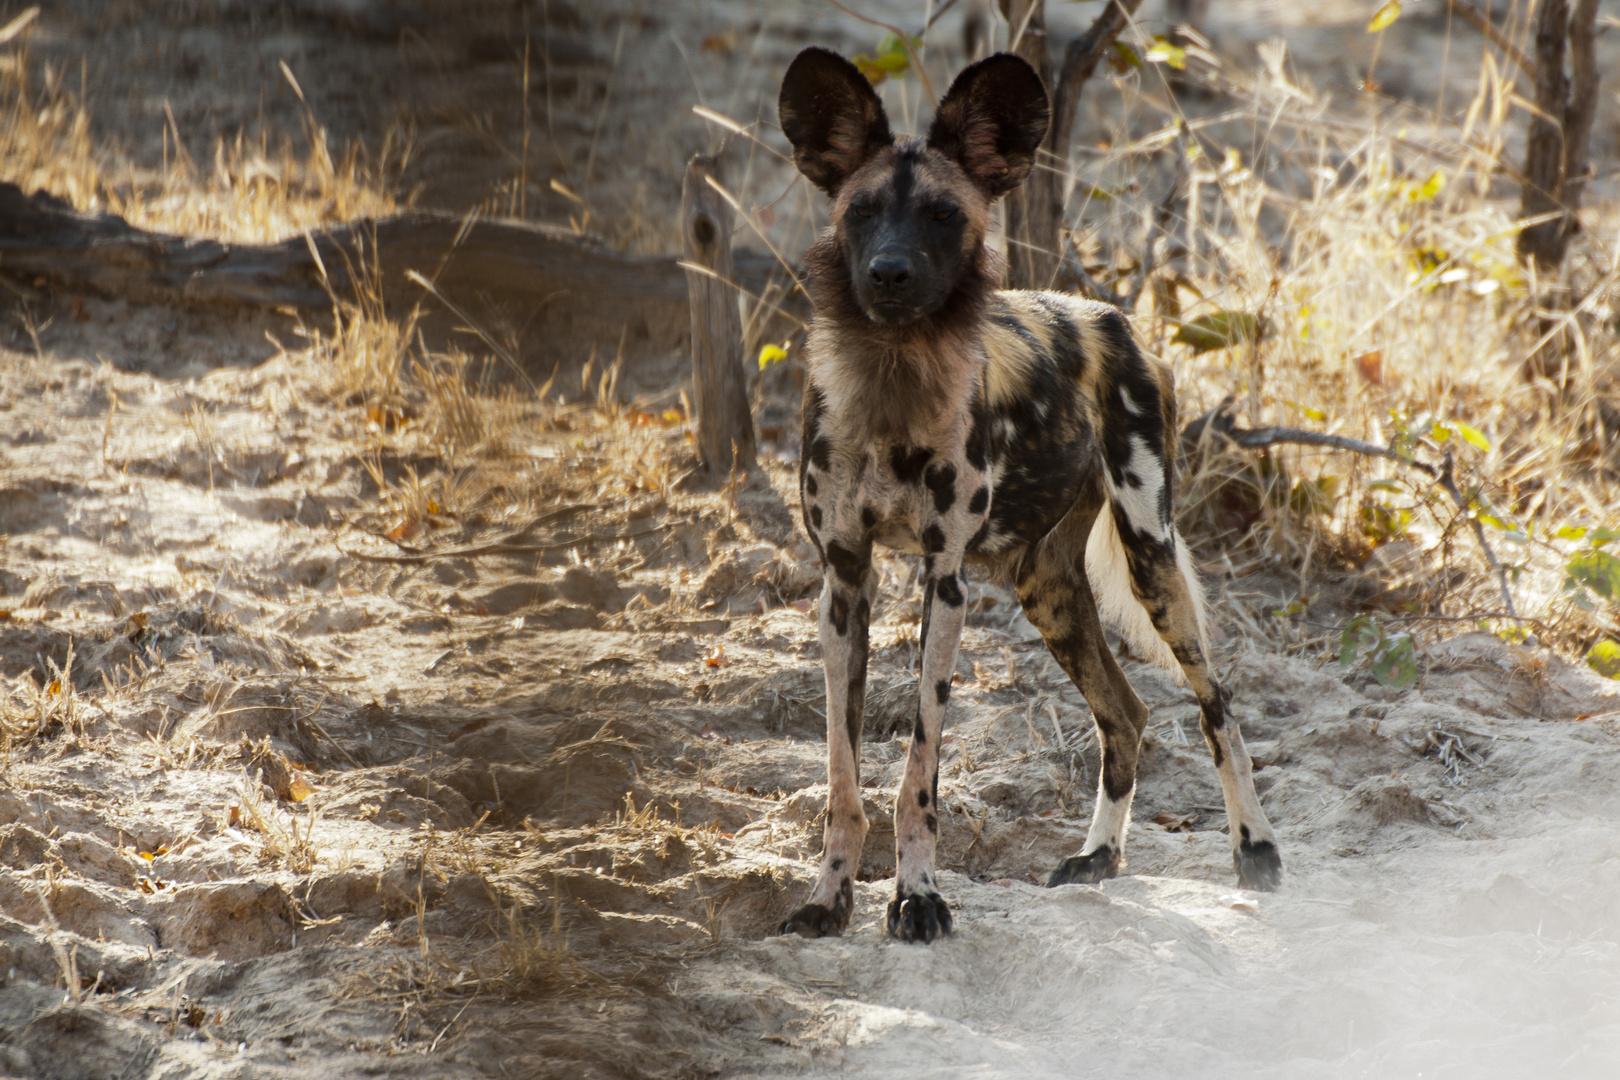 Afrikanischer Wildhund / Sambia / North Lunagwa / 15.06.2013